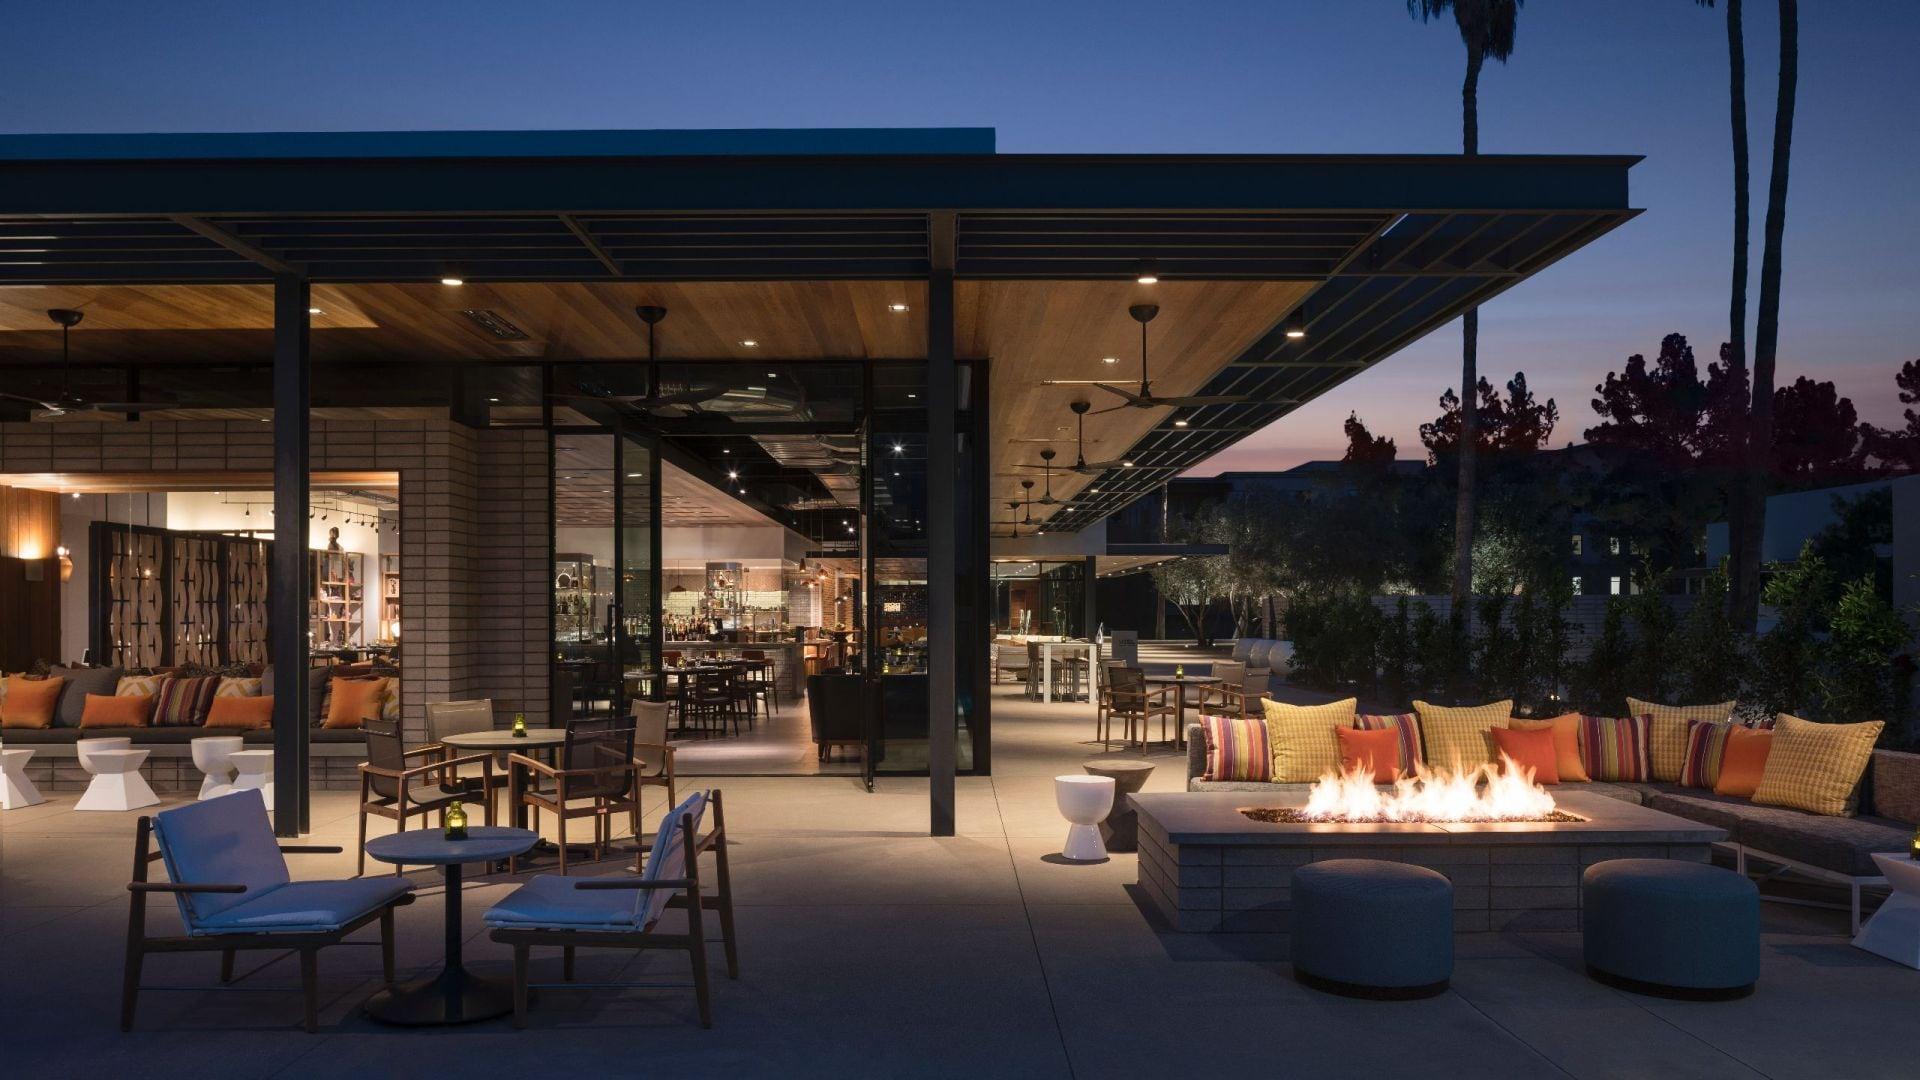 Andaz Scottsdale Dining